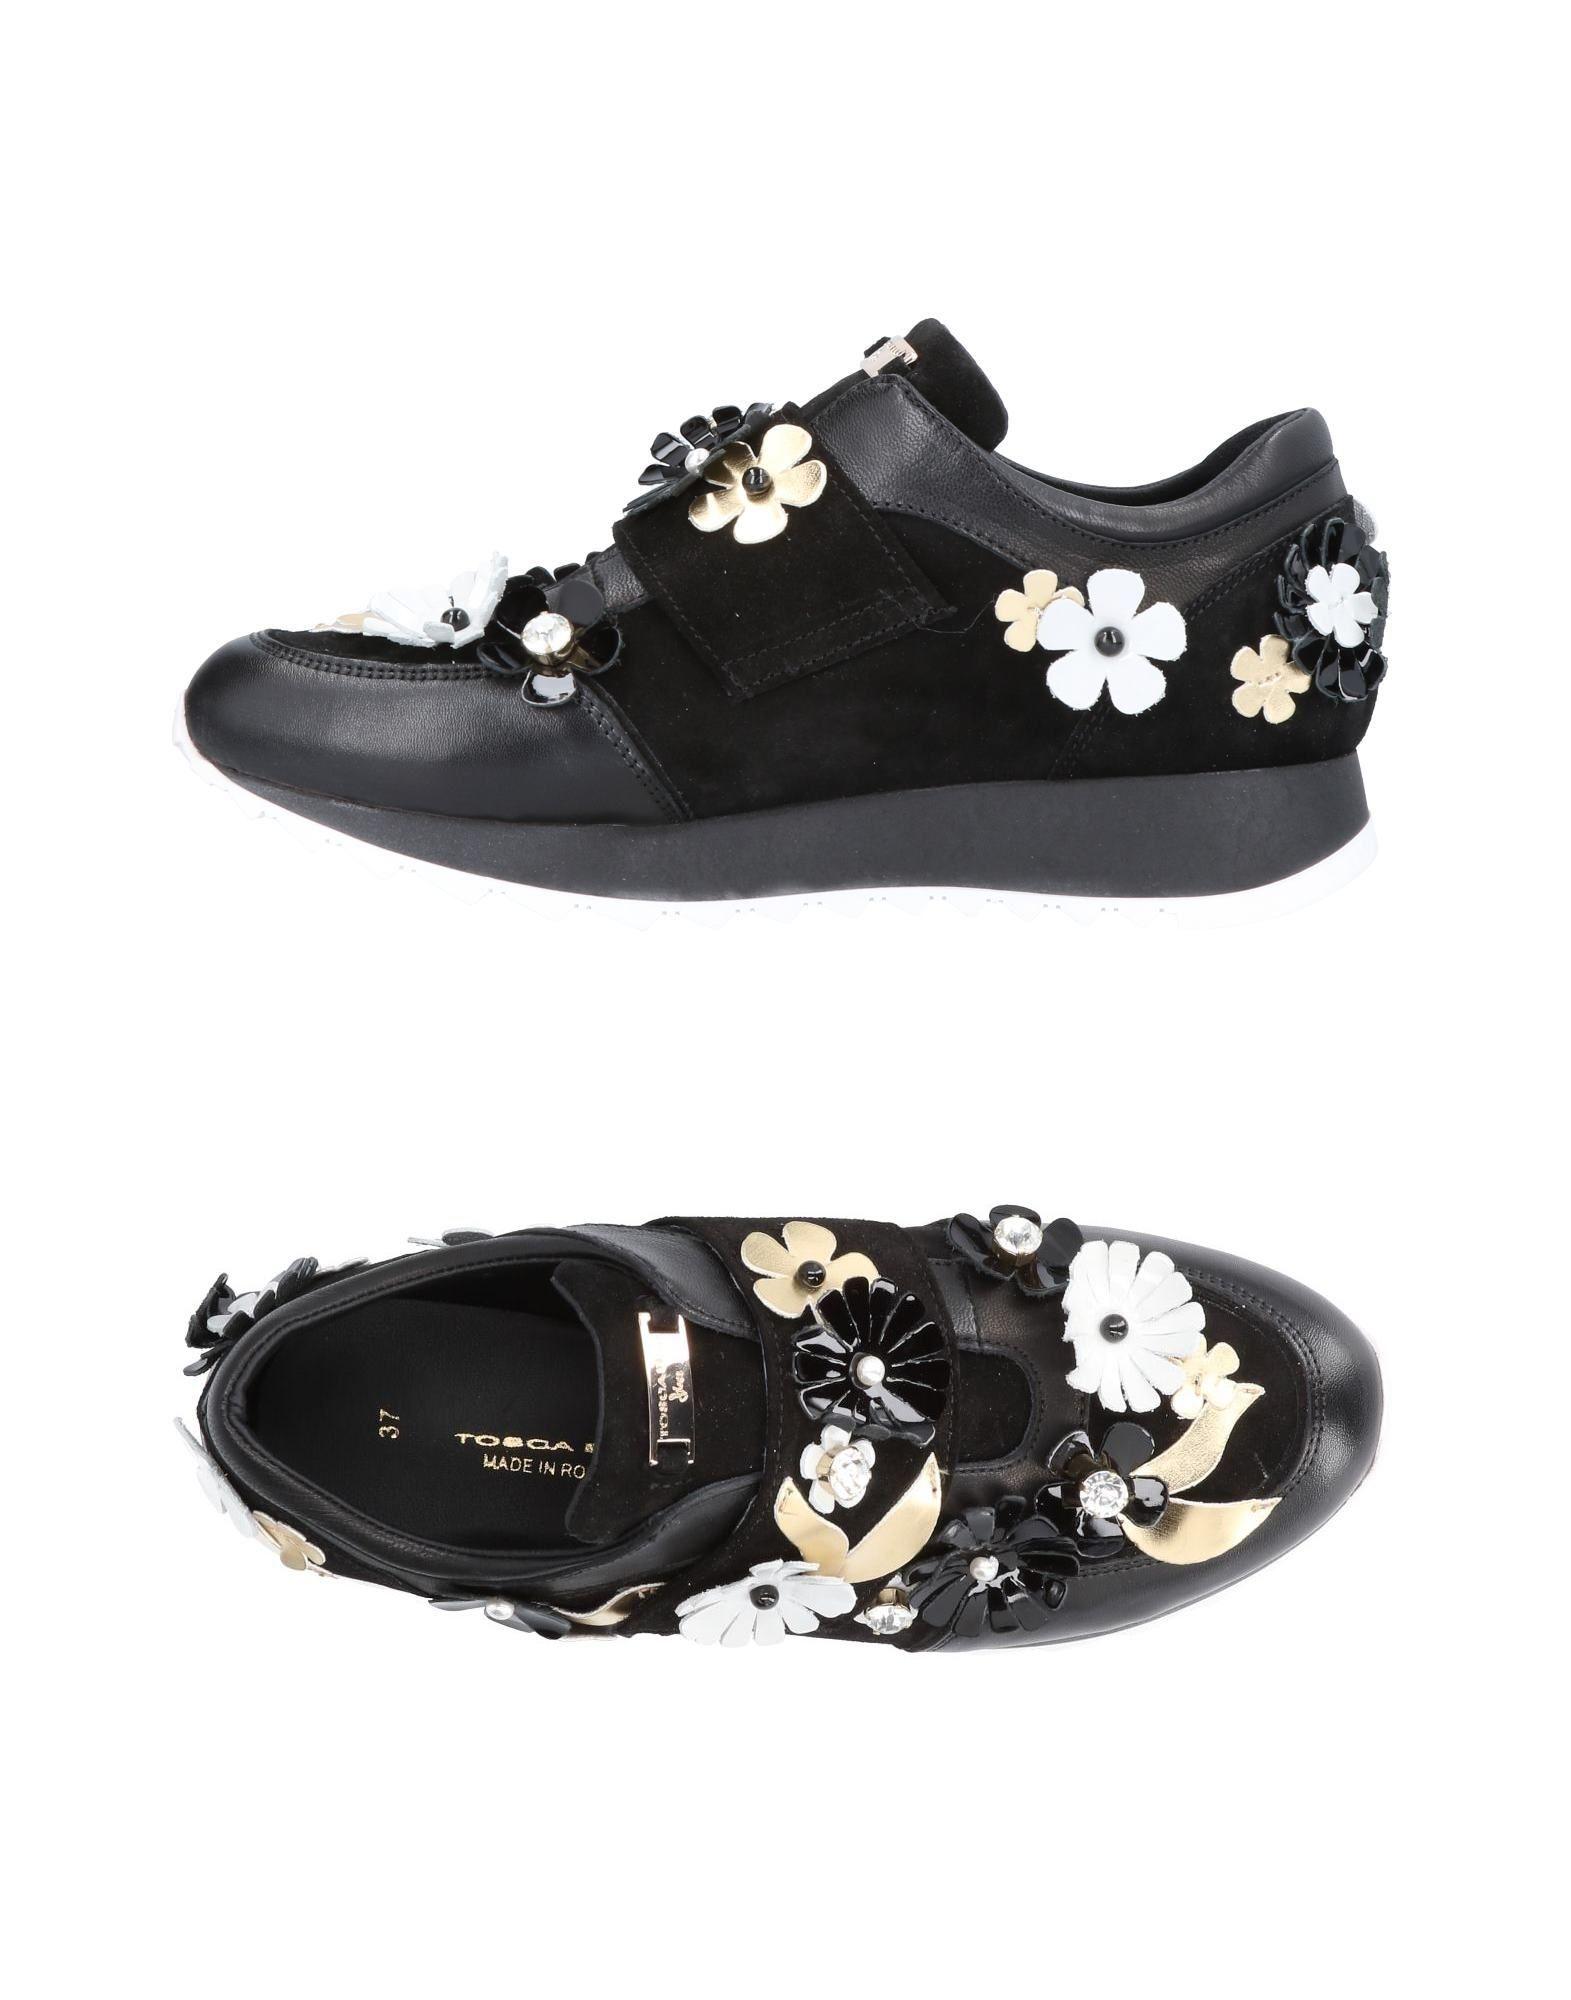 Cómodo y bien parecido Zapatillas - Tosca Blu Shoes Mujer - Zapatillas Zapatillas Tosca Blu Shoes  Negro 29b4aa